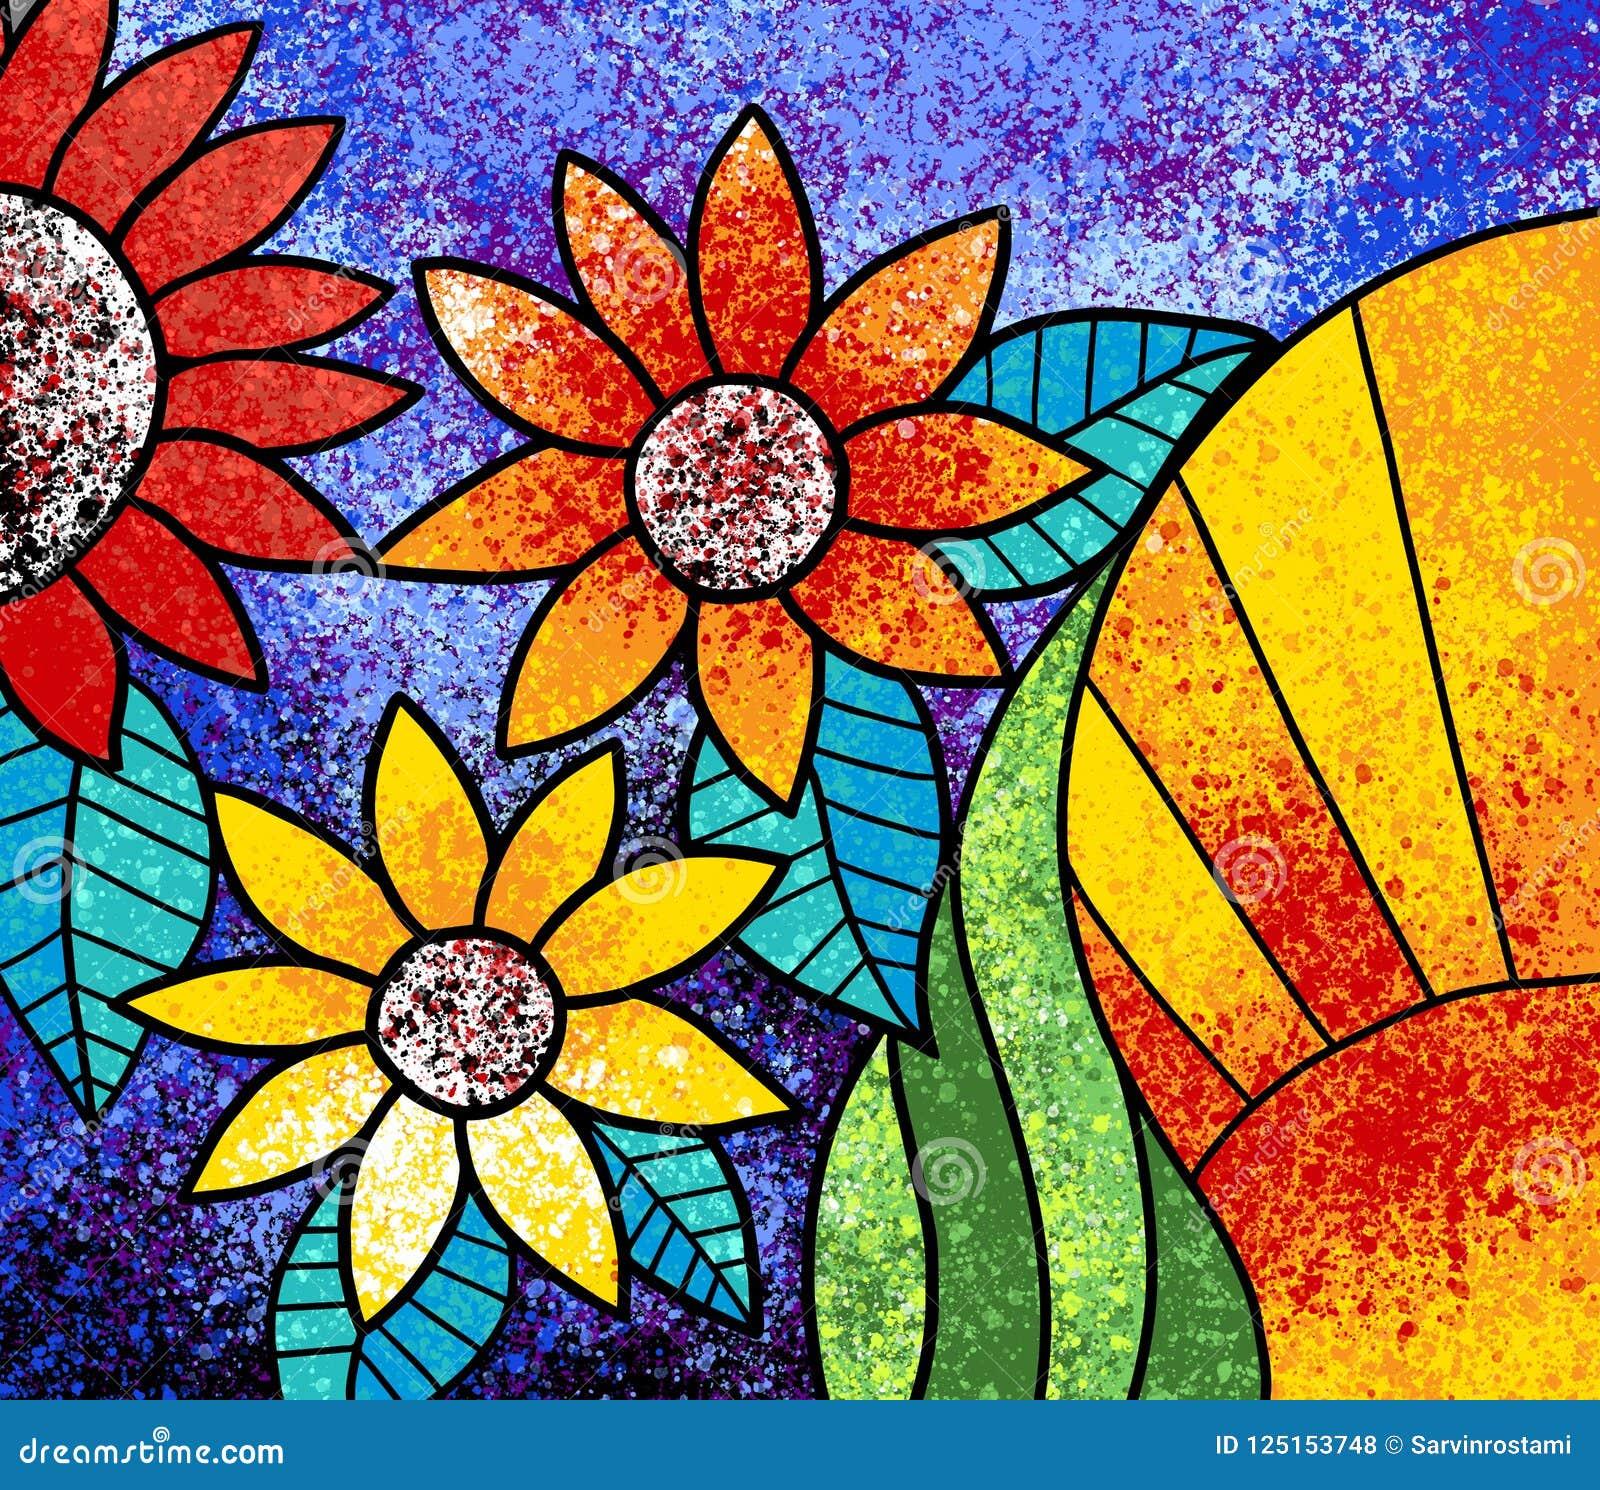 Kolorowych kwiatów obrazu brezentowa cyfrowa grafika